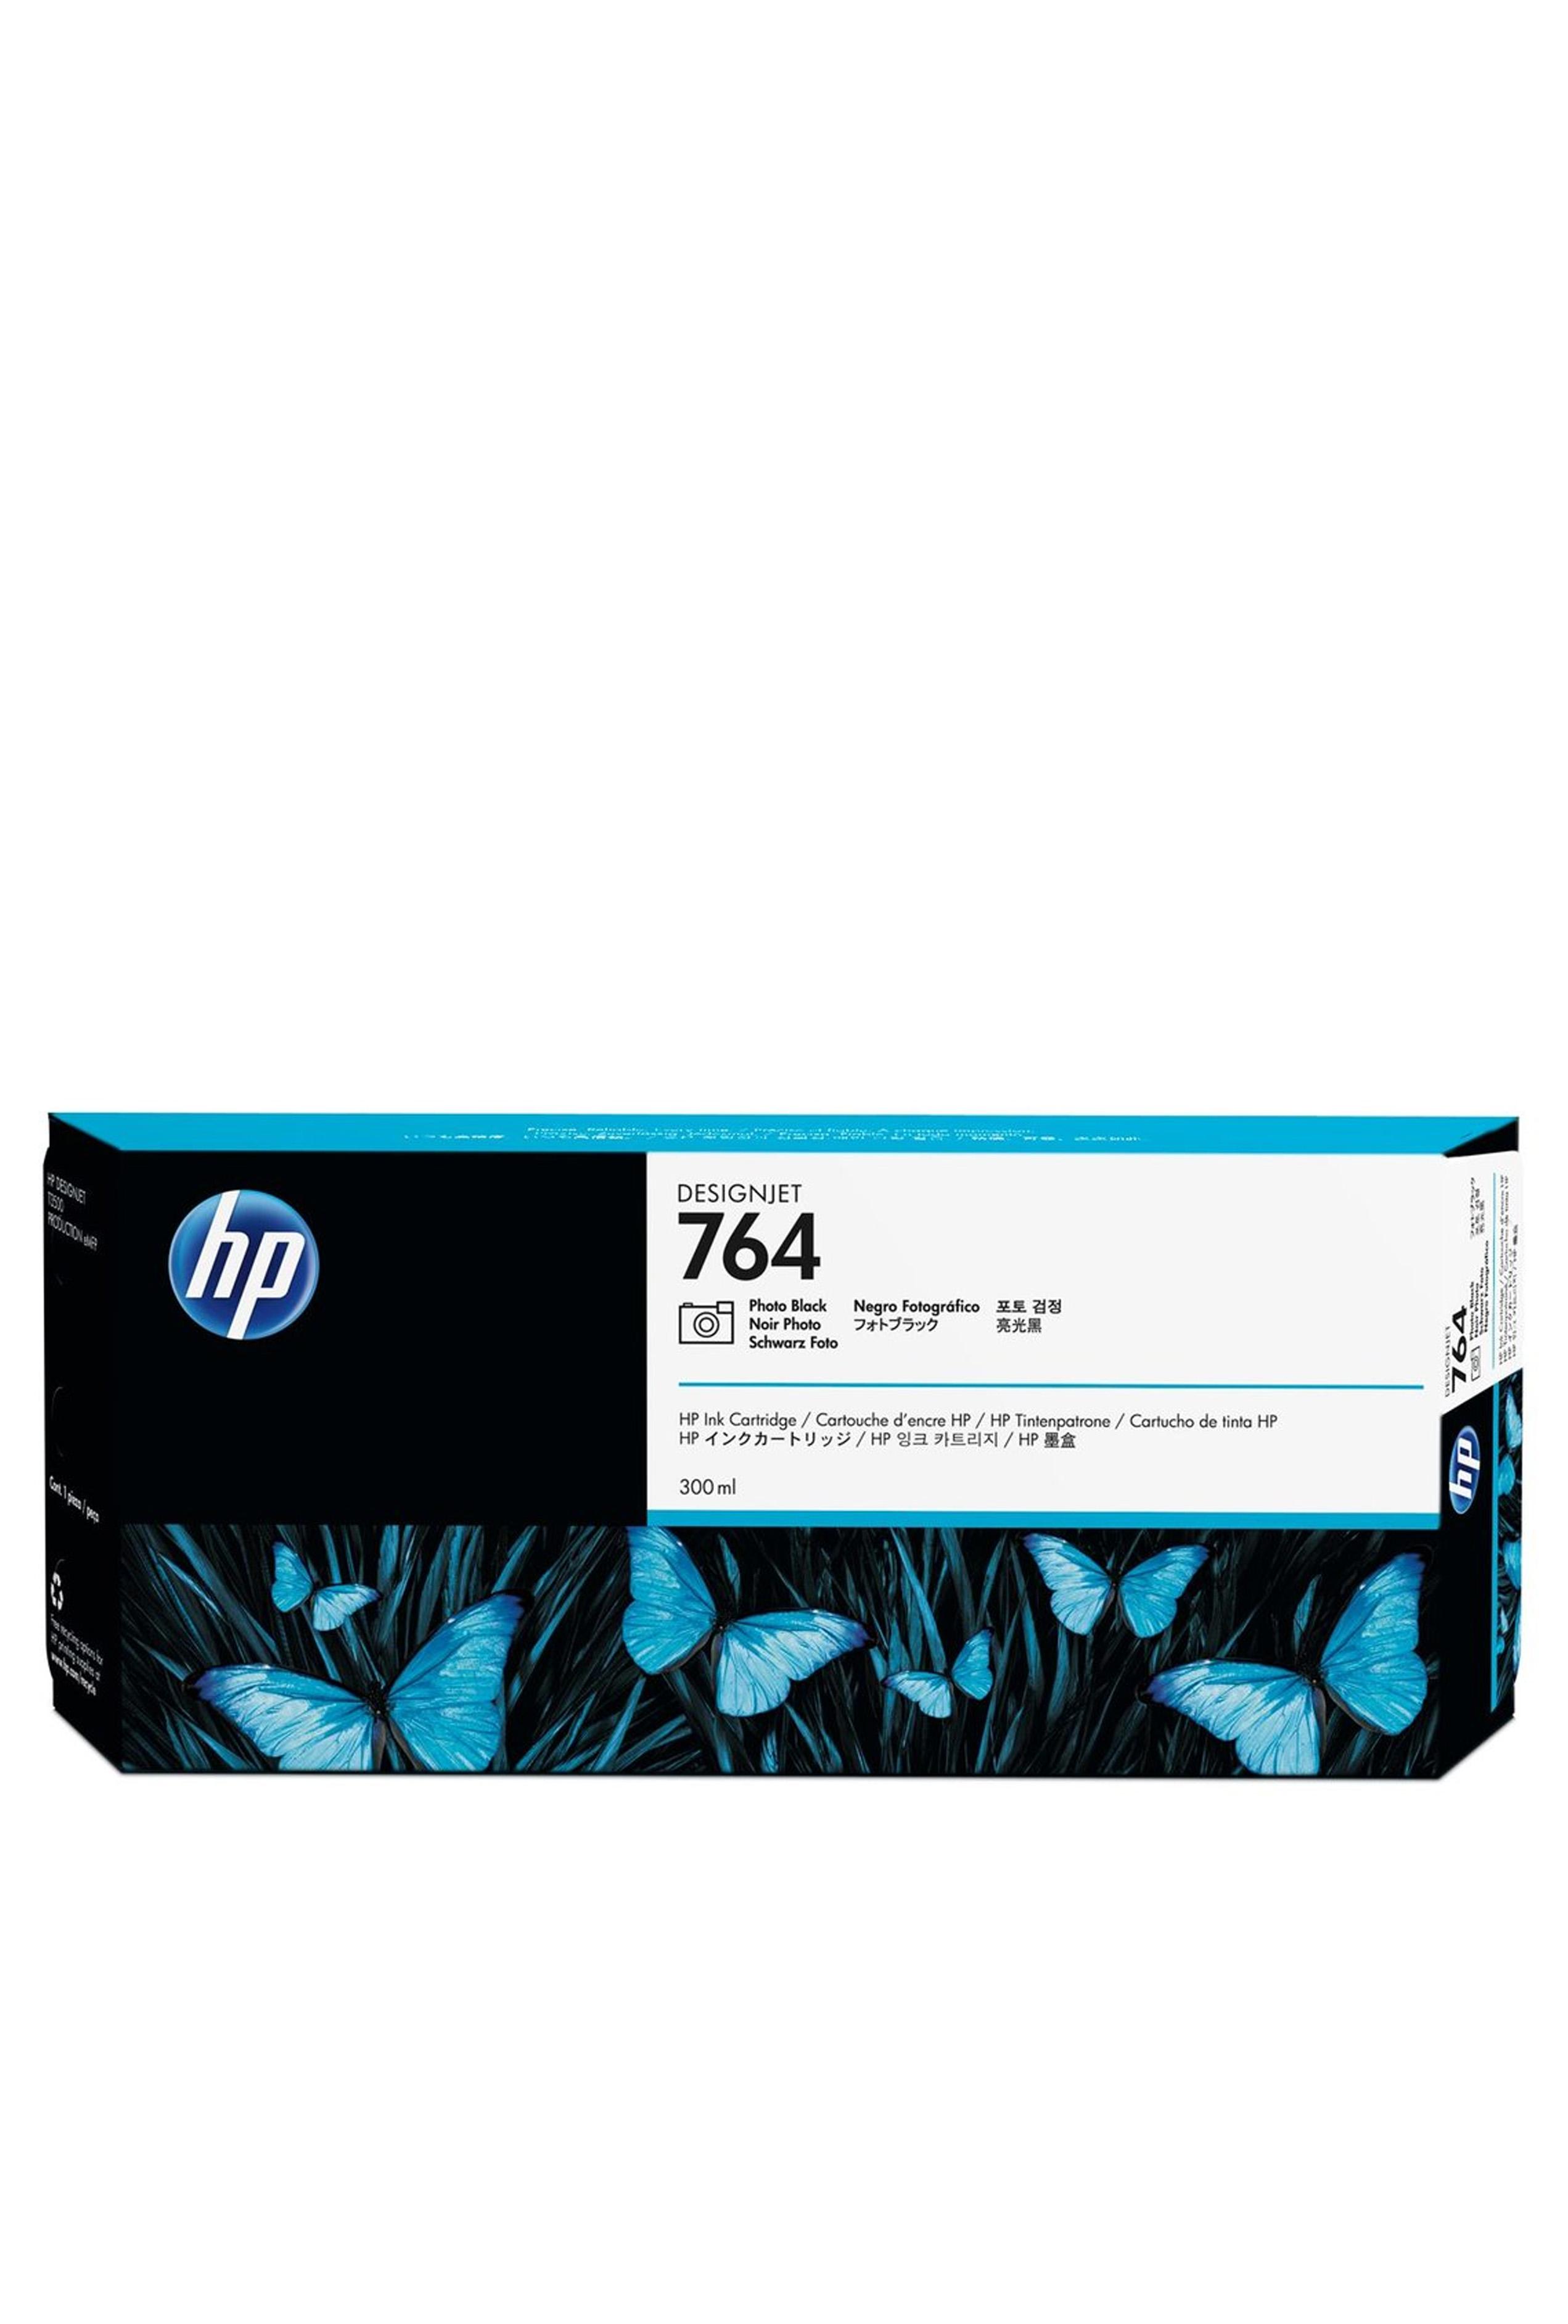 HP 764 (C1Q17A) Photo Black...